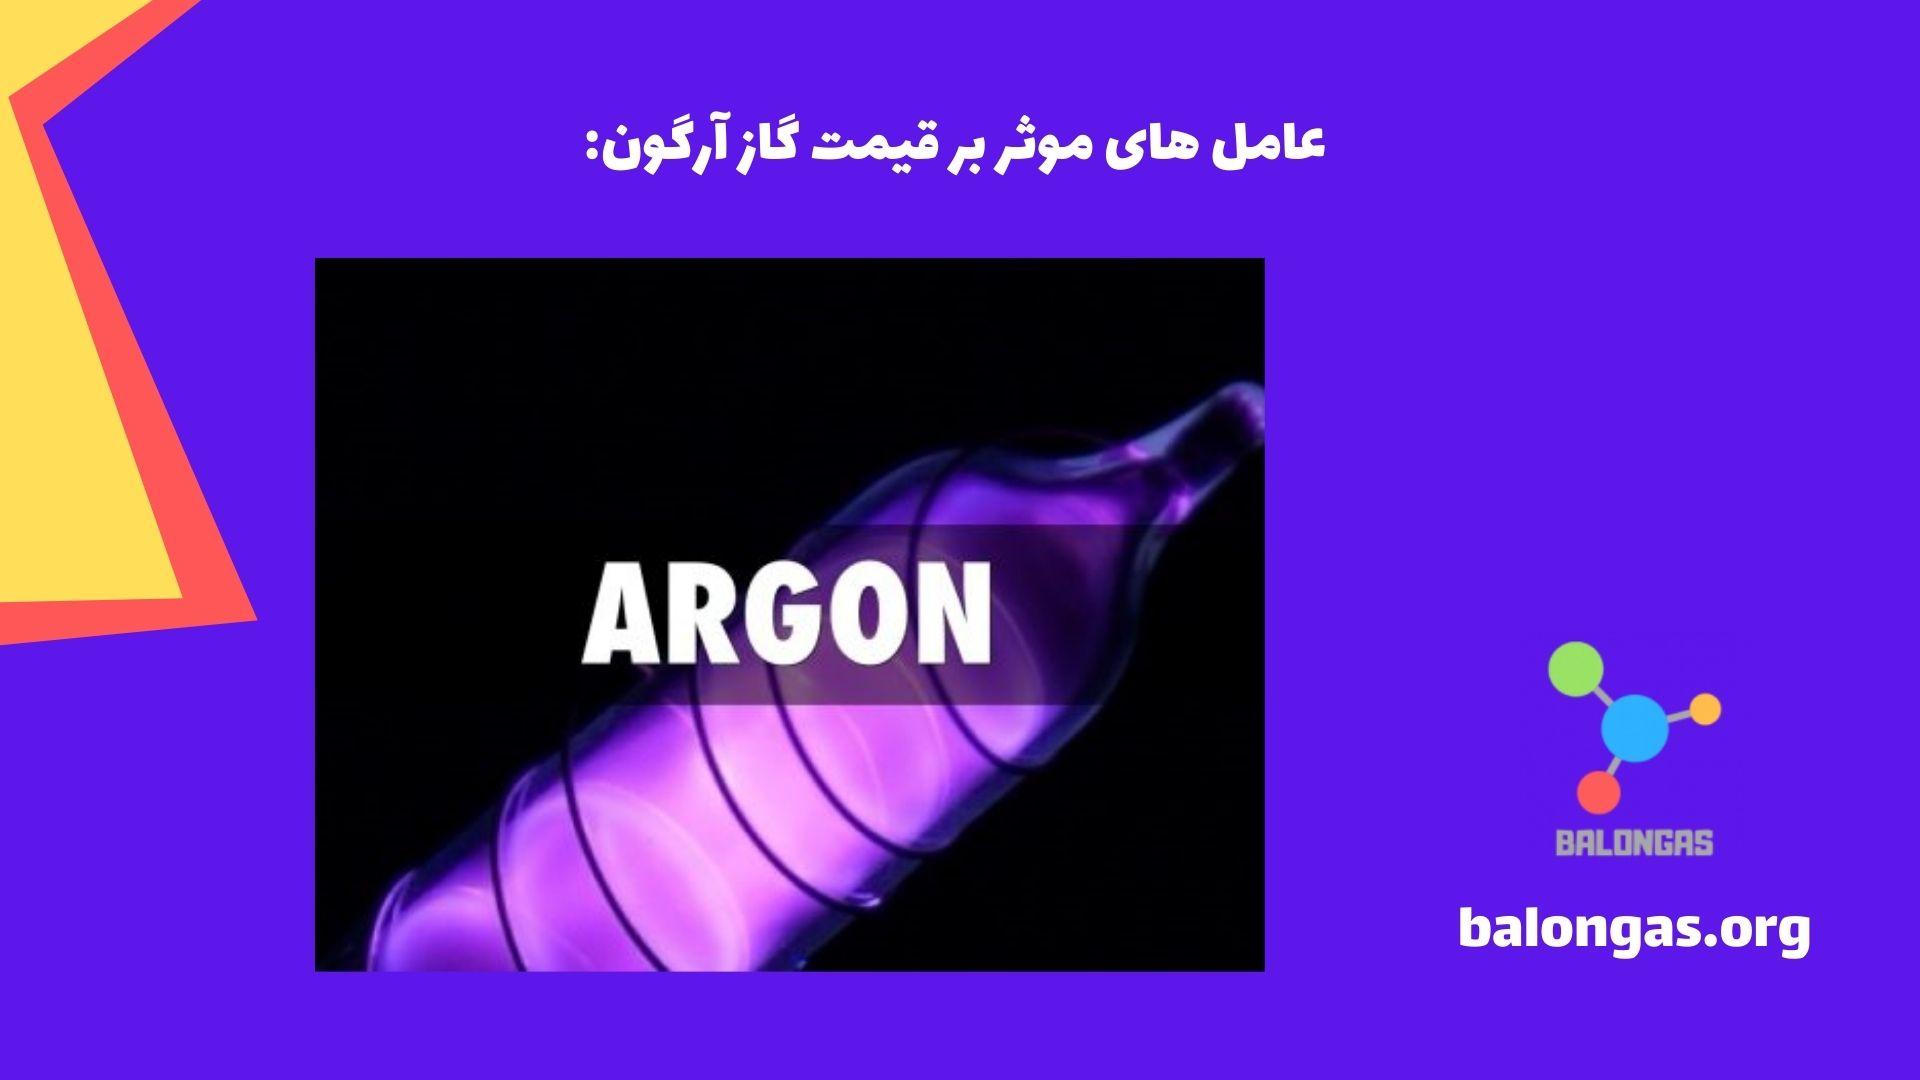 عامل های موثر بر قیمت گاز آرگون: